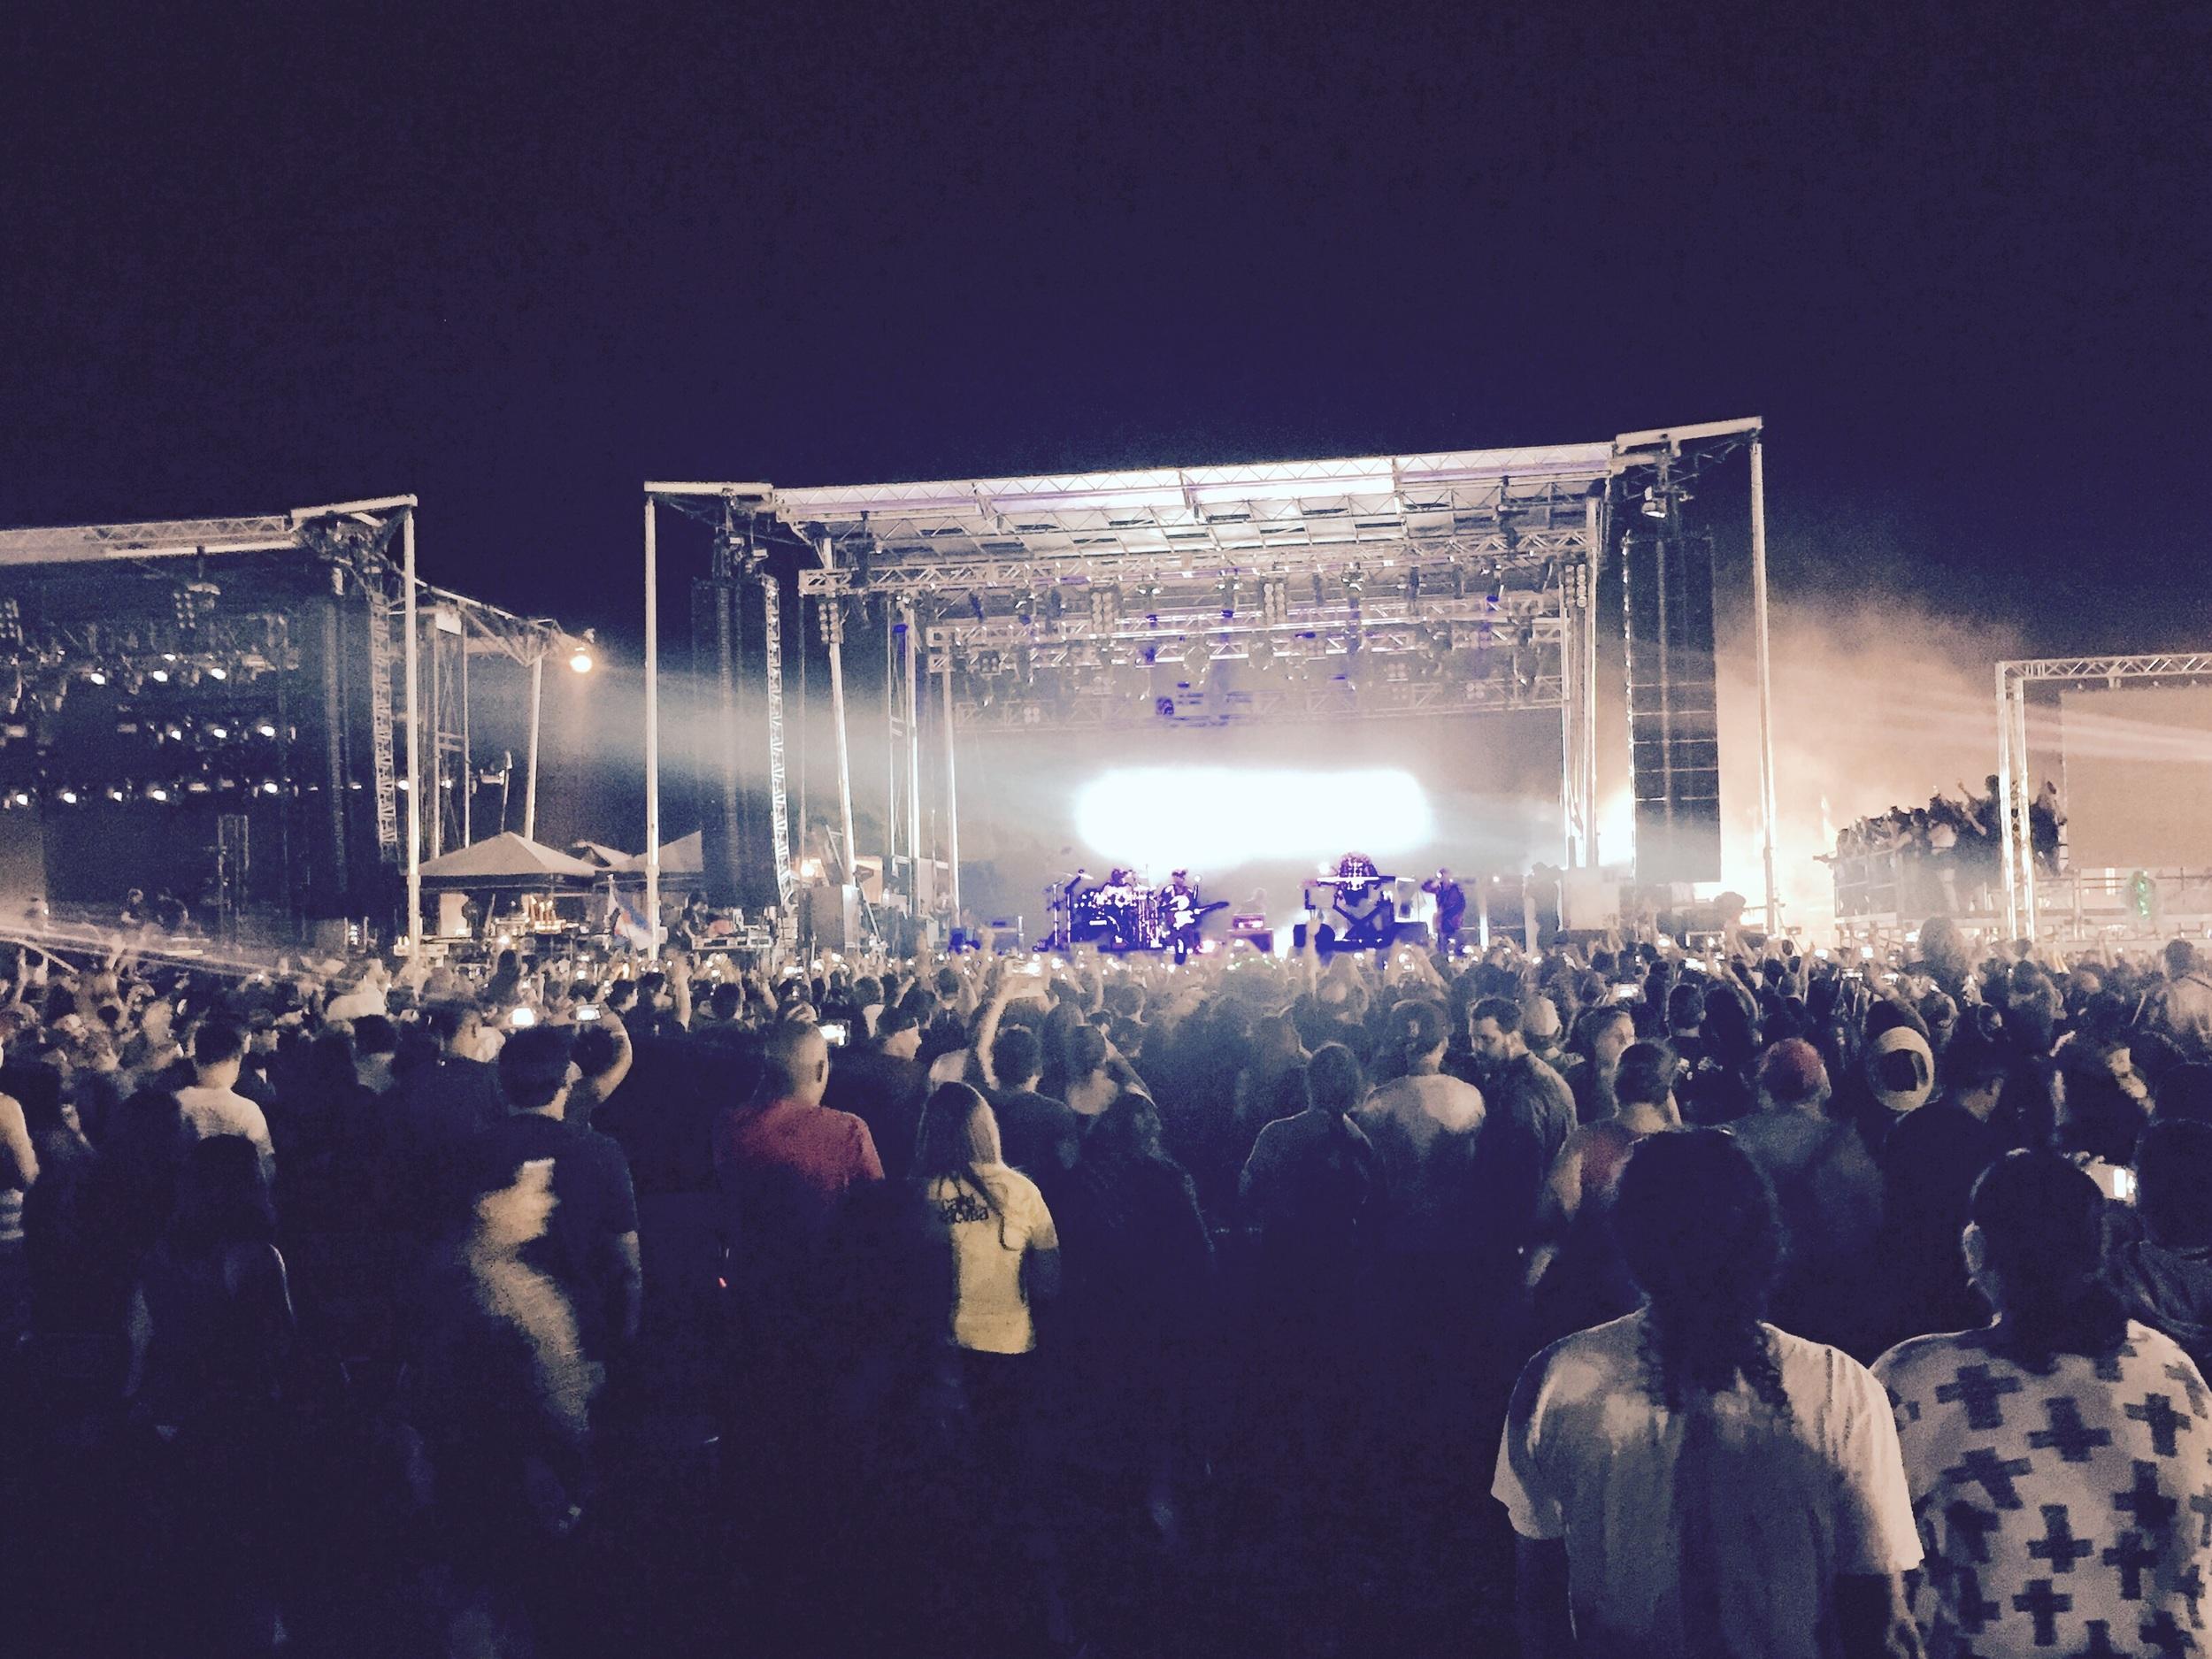 Caifanes at RockFiesta 2016.